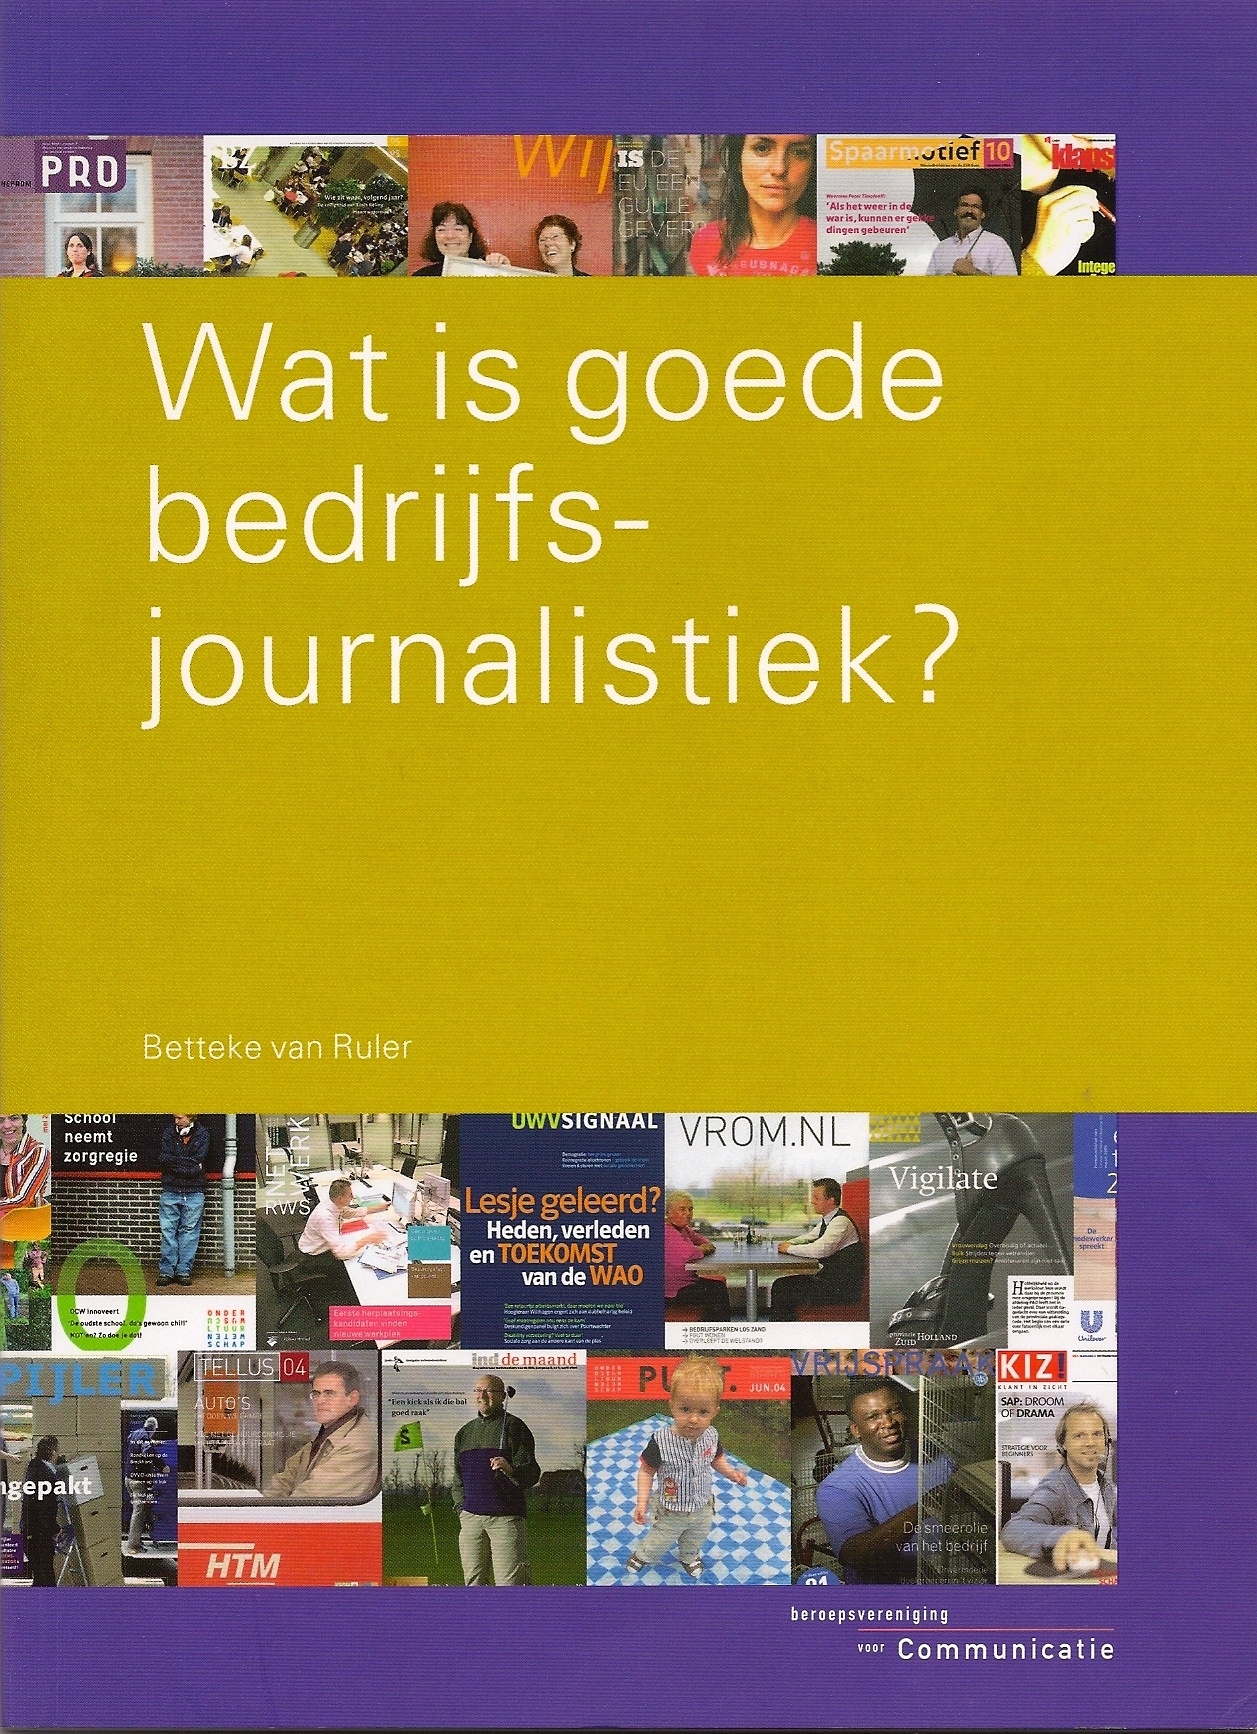 Wat is goede bedrijfsjournalistiek?